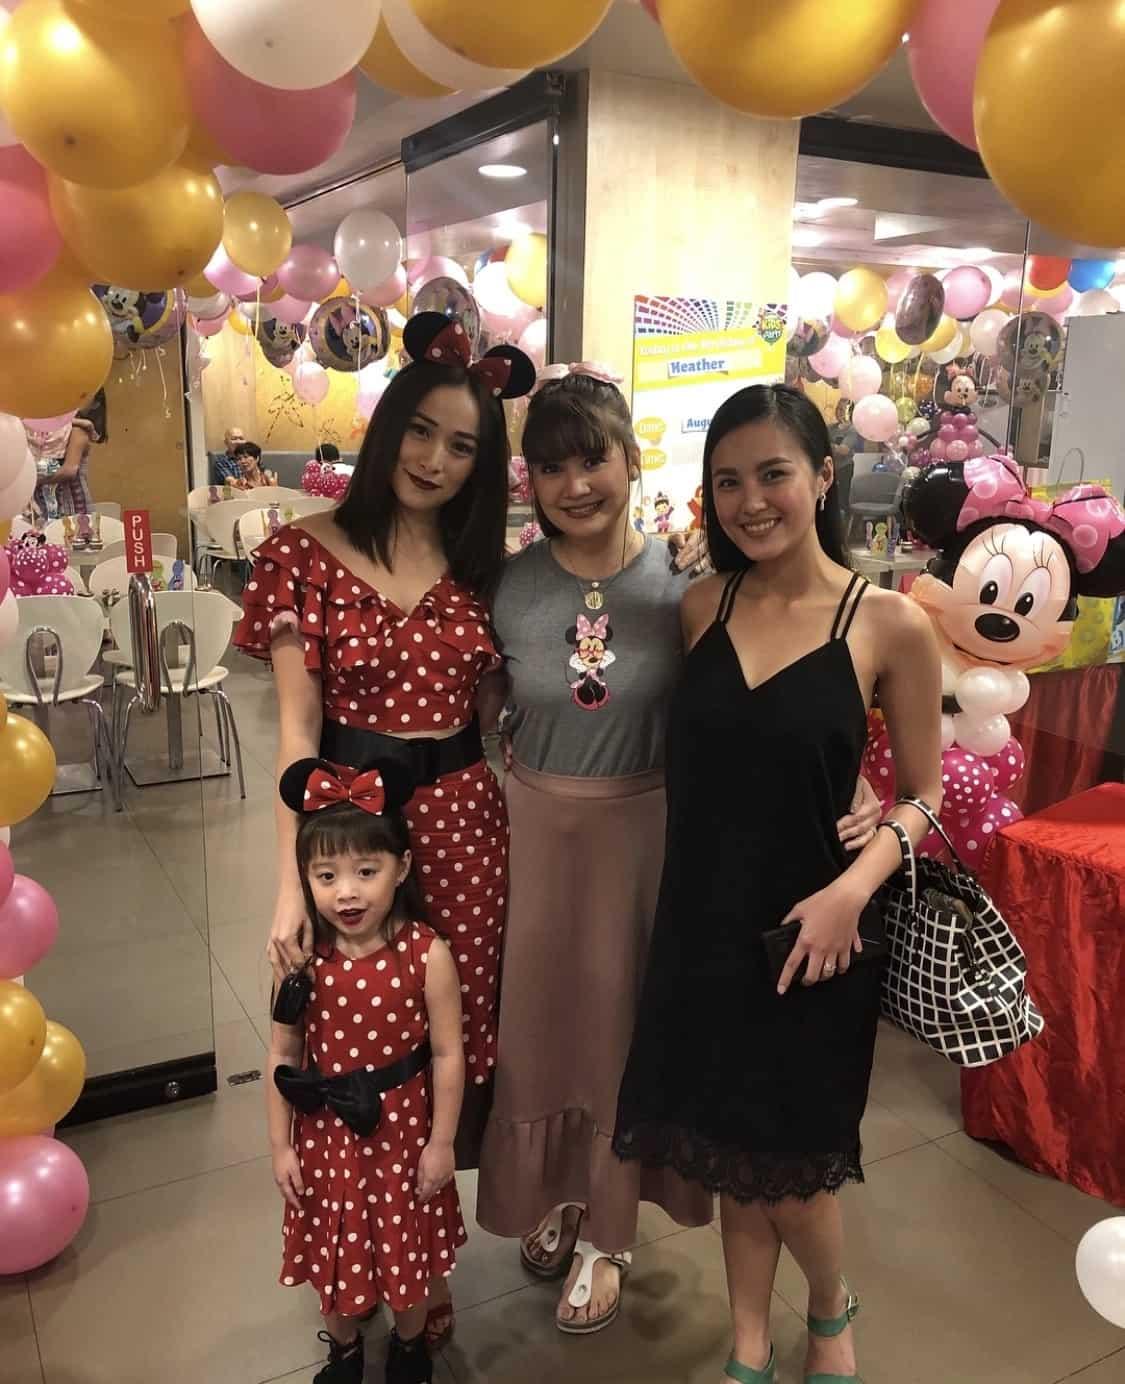 Nadine Samonte's unica hija Heather Sloane celebrates her 2nd birthday